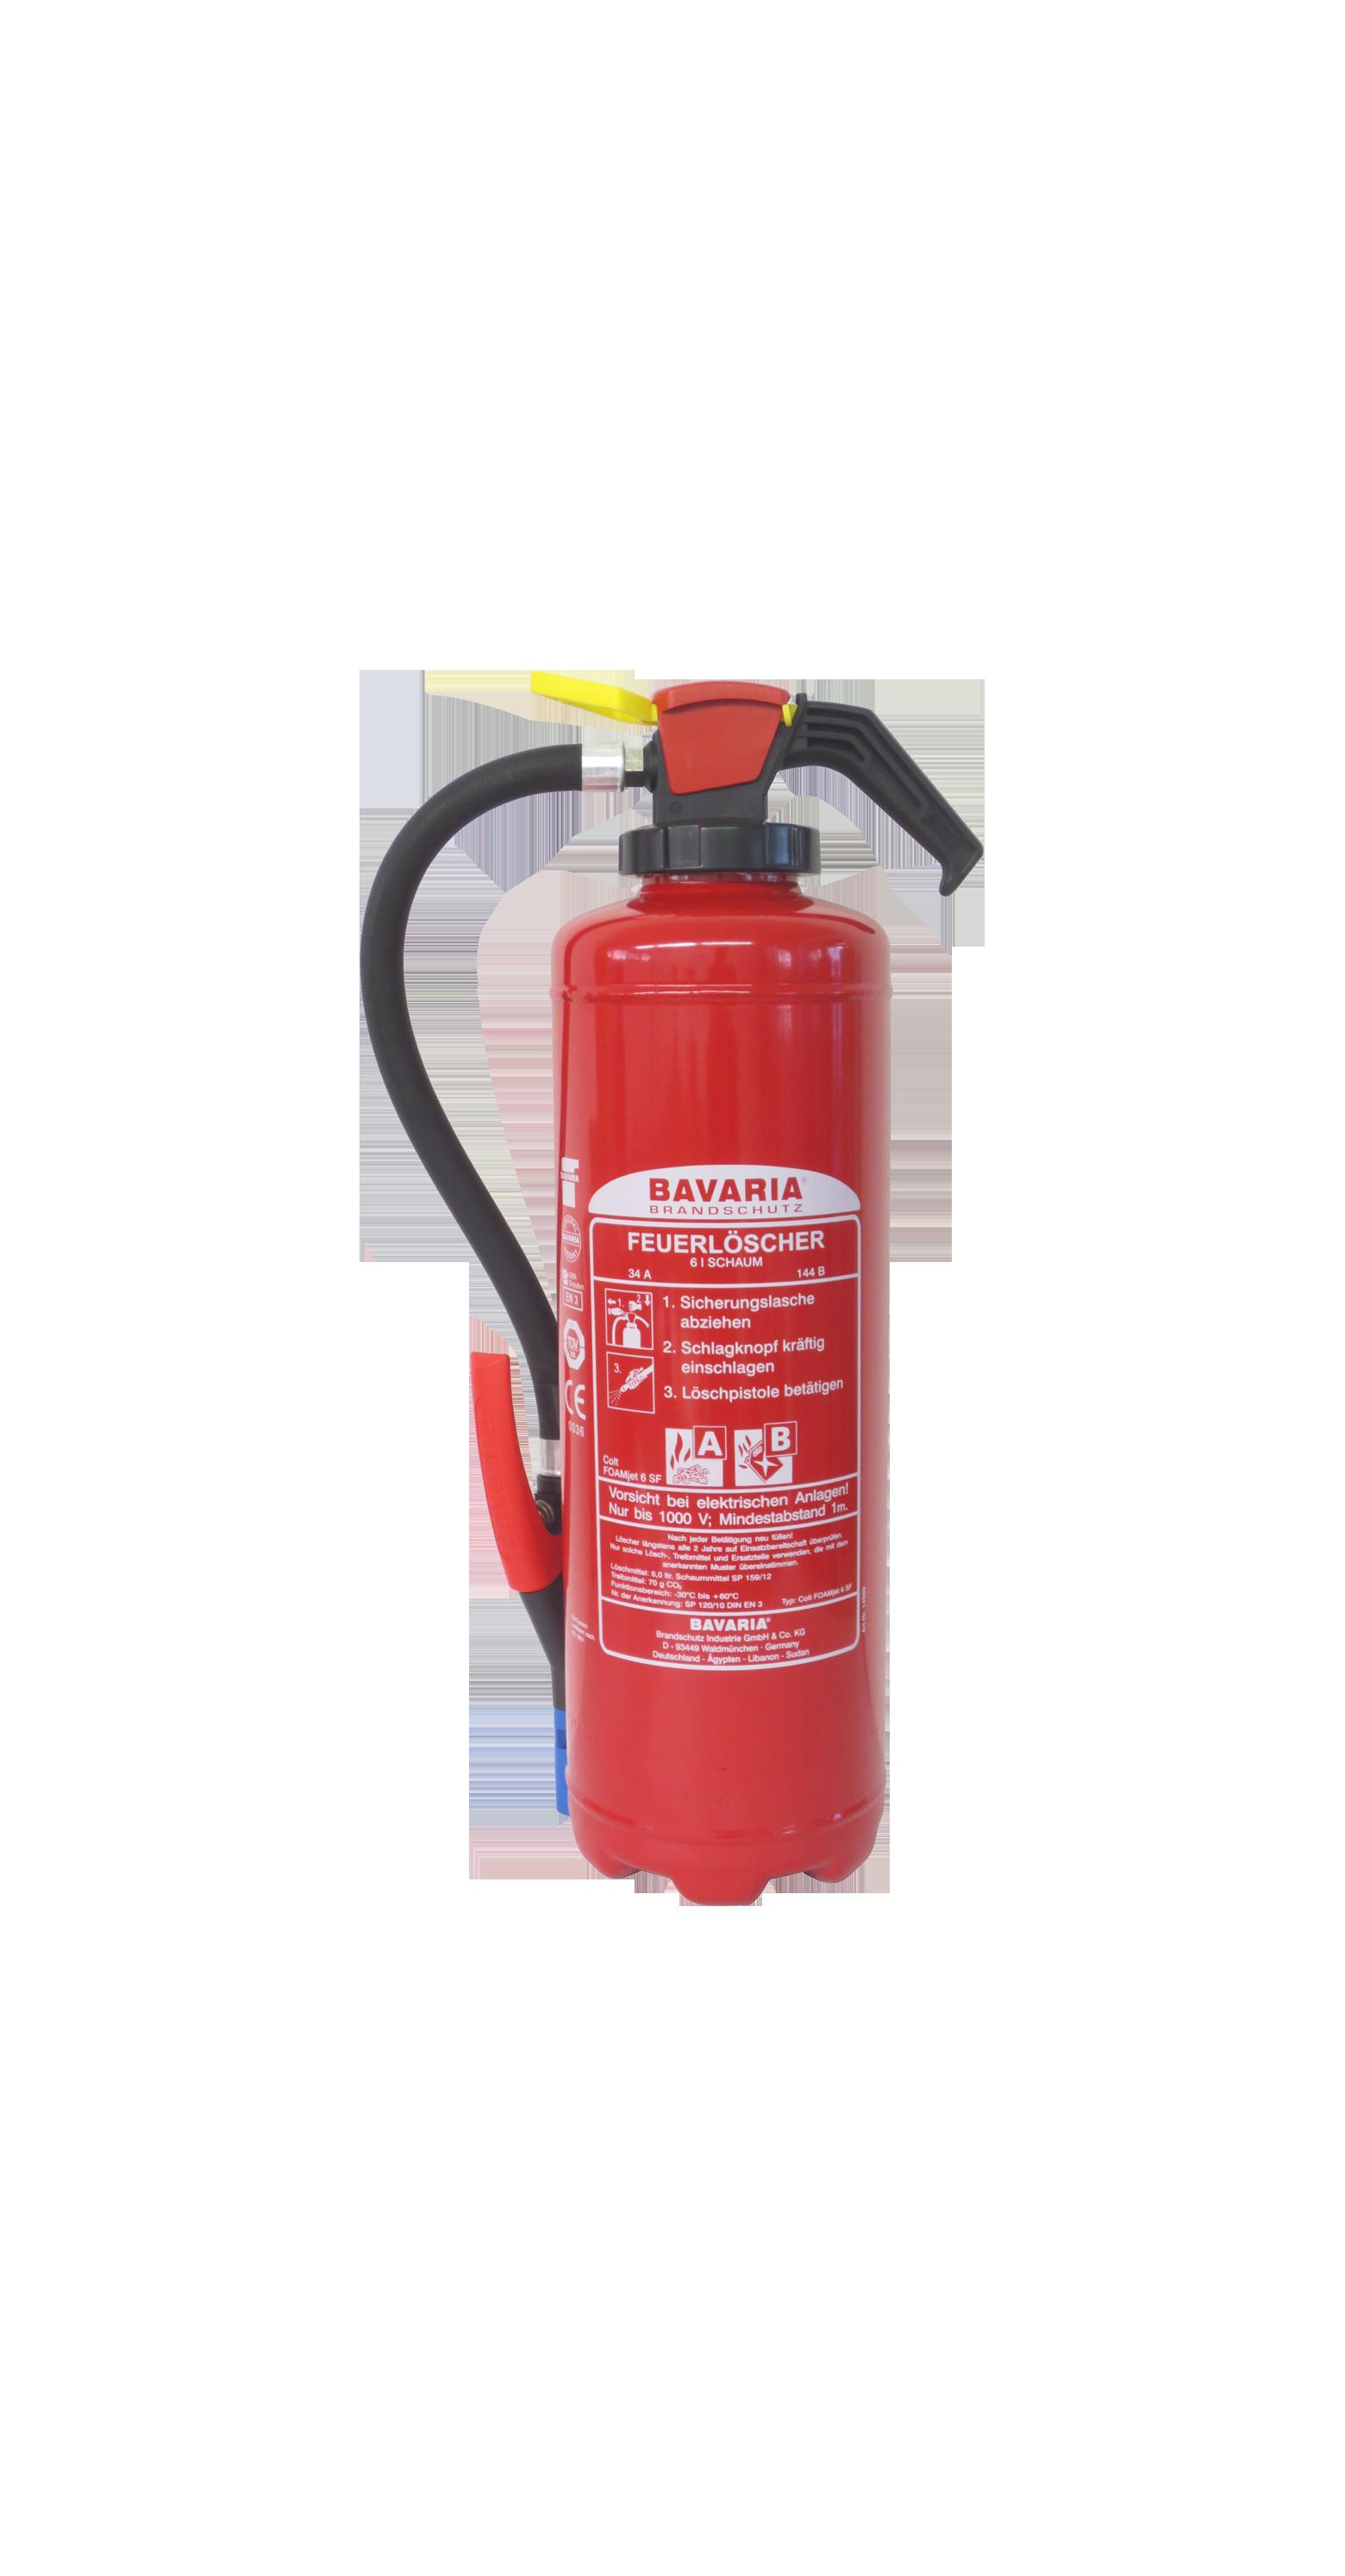 BAVARIA COLT FOAM-JET SF ist ein Hochleistungs-Schaumlöscher. Das Gerät ist einsetzbar in Industrie und Gewerbe, kommunale Einrichtungen und Verwaltungen, im Haushalt und allen Bereichen, wo ein umfassender, vorbeugender Brandschutz gewährleistet sein muss. Der FOAM-Jet ermöglicht punktuelles Löschen ohne Kontamination der Umgebung mit Löschmitteln an Stellen, wo sie nicht erwünscht sind. Bavaria Feuerlöscher 6 Liter mit Schaum ( 10 Jahre Herstellergarantie)